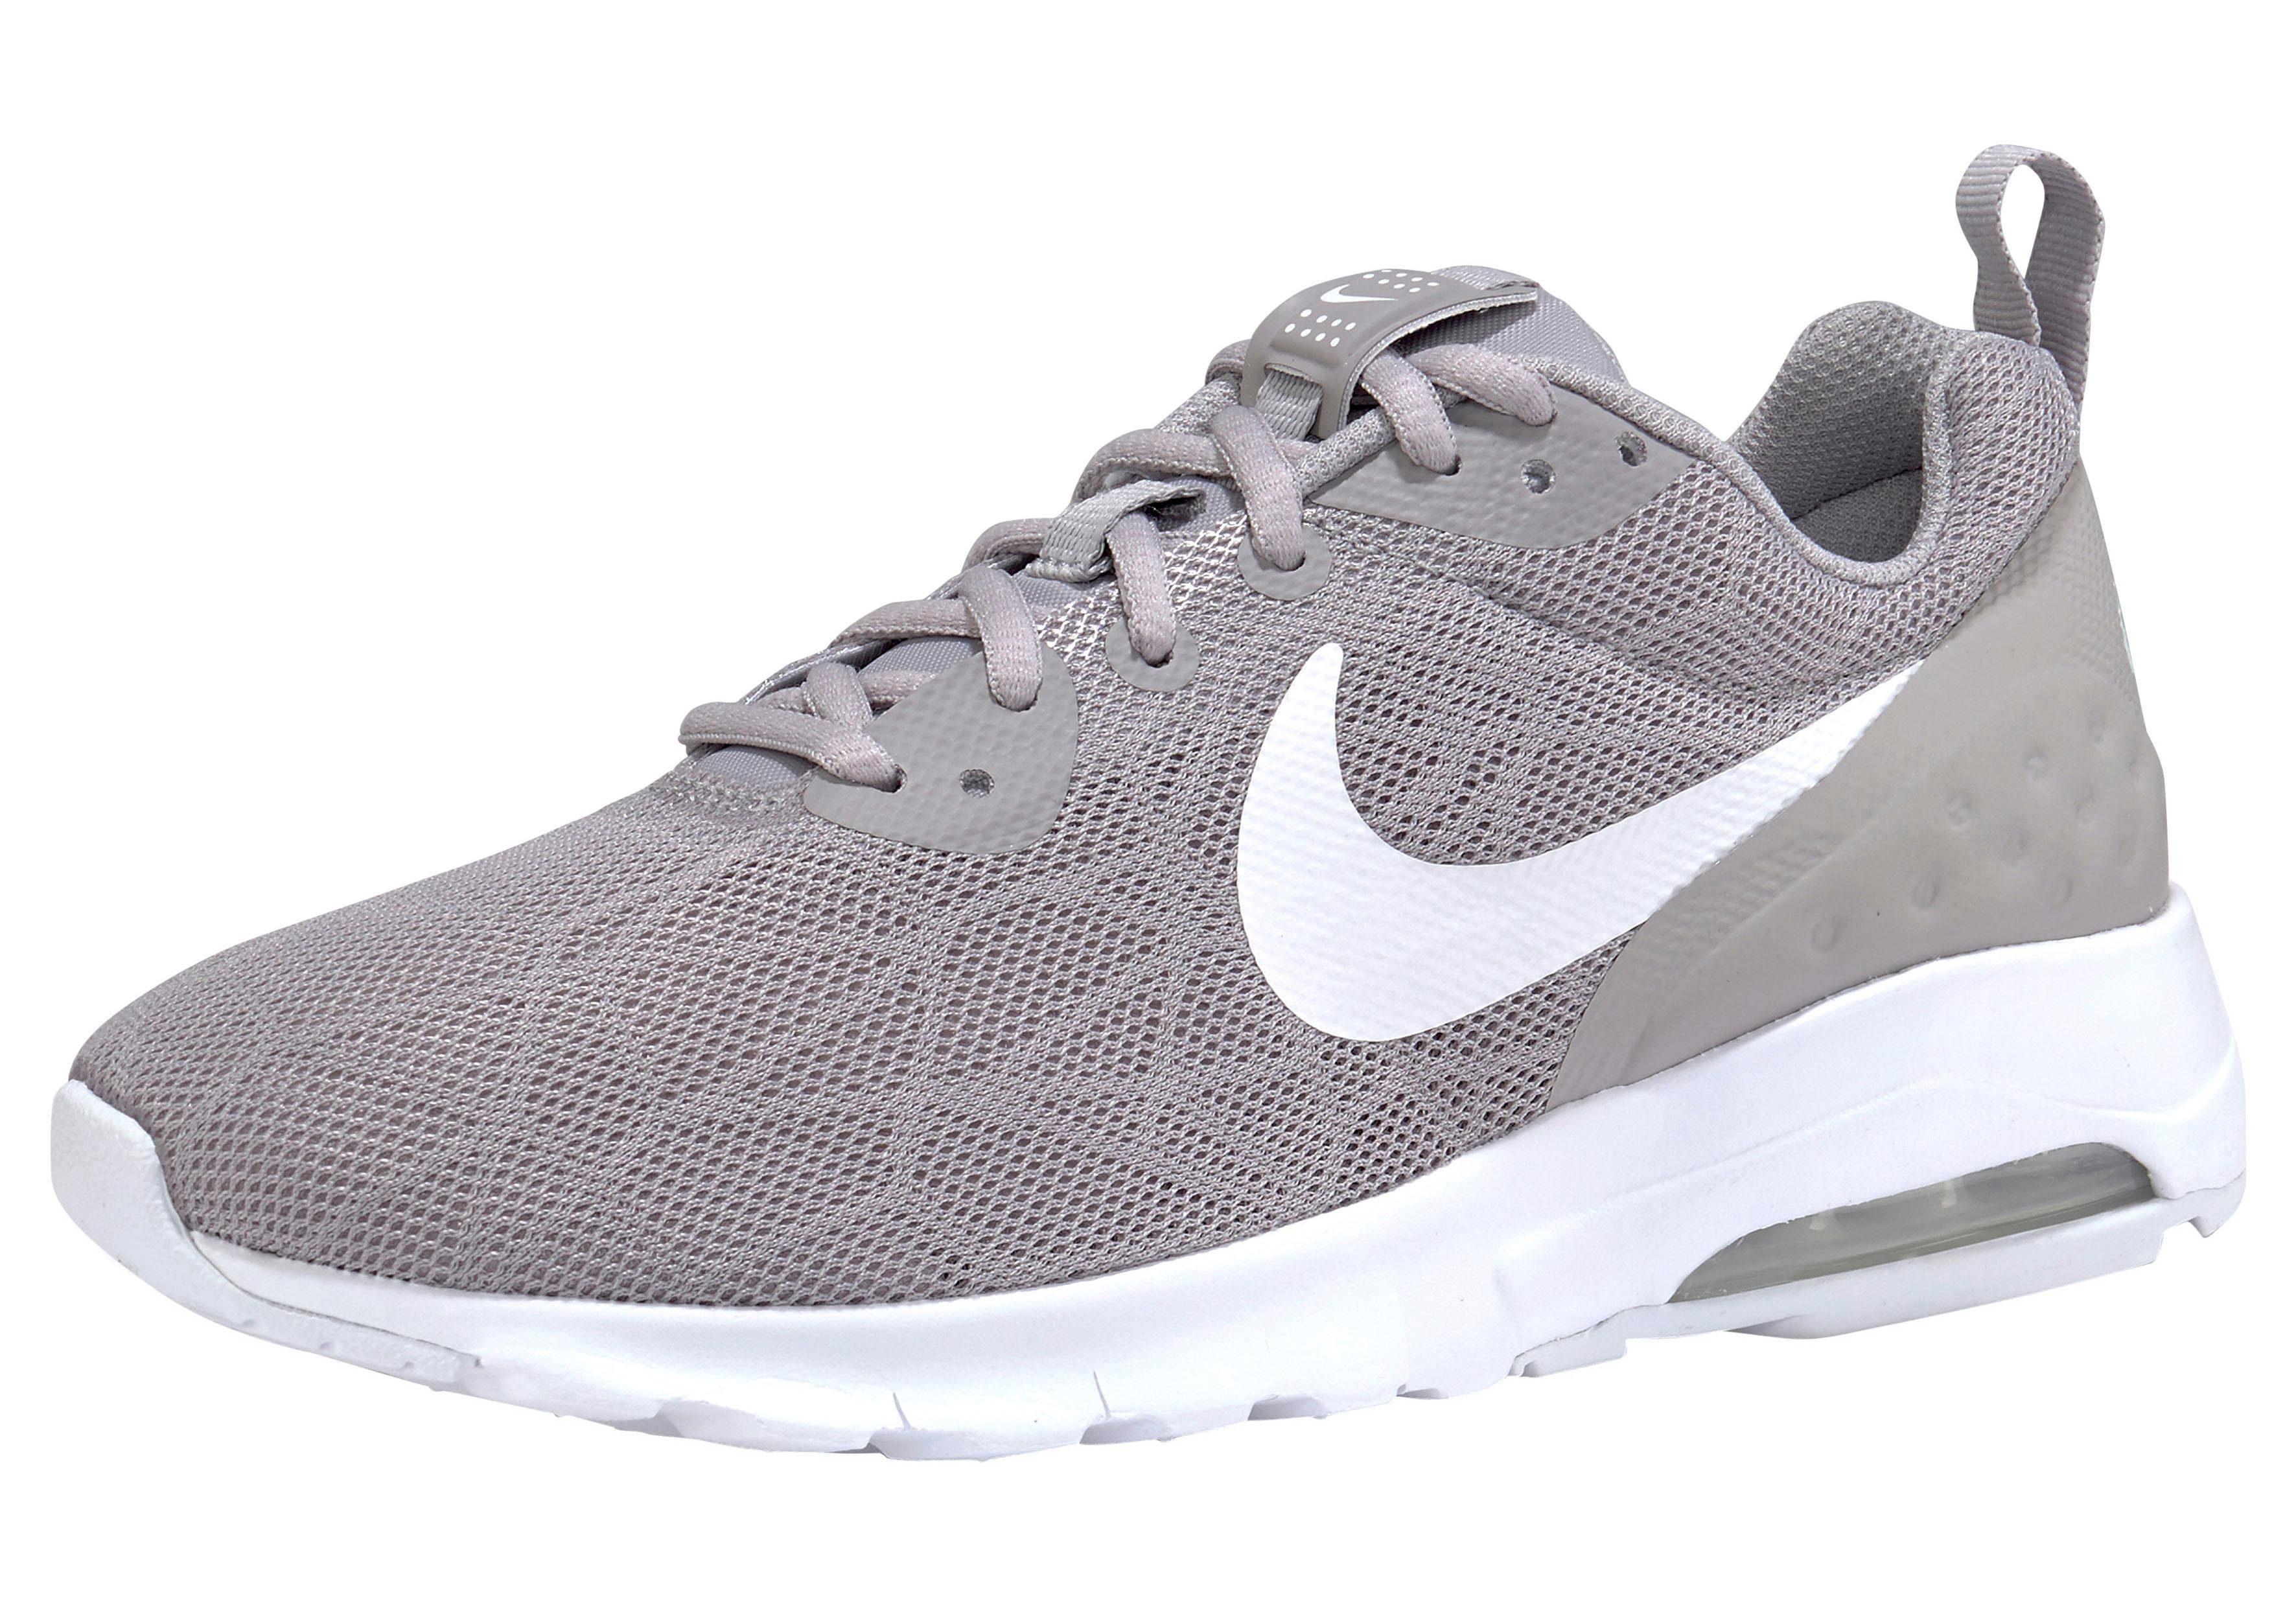 Nike Sportswear »Wmns Air Max Motion LW SE« Sneaker, Flexkerben für maximale Bewegungsfreiheit online kaufen | OTTO